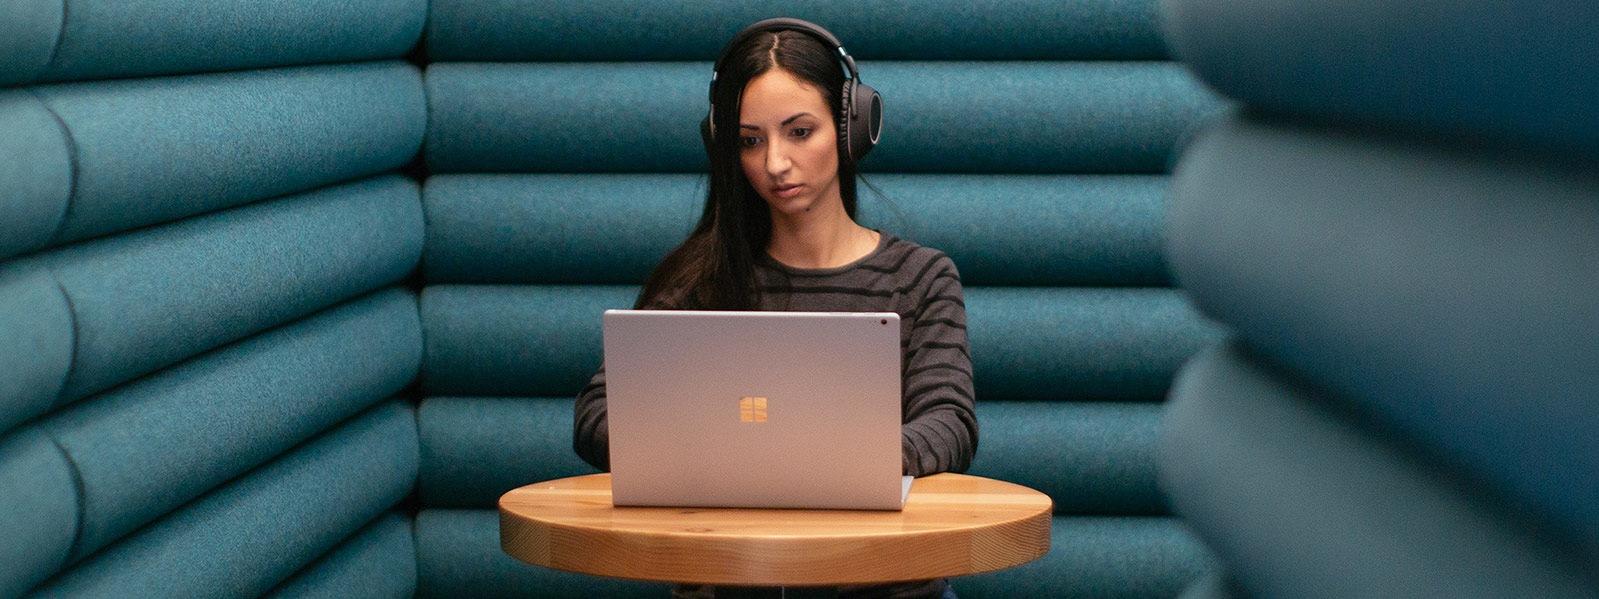 Uma mulher sentada sozinha usando fones de ouvido enquanto trabalha em seu computador com Windows 10.